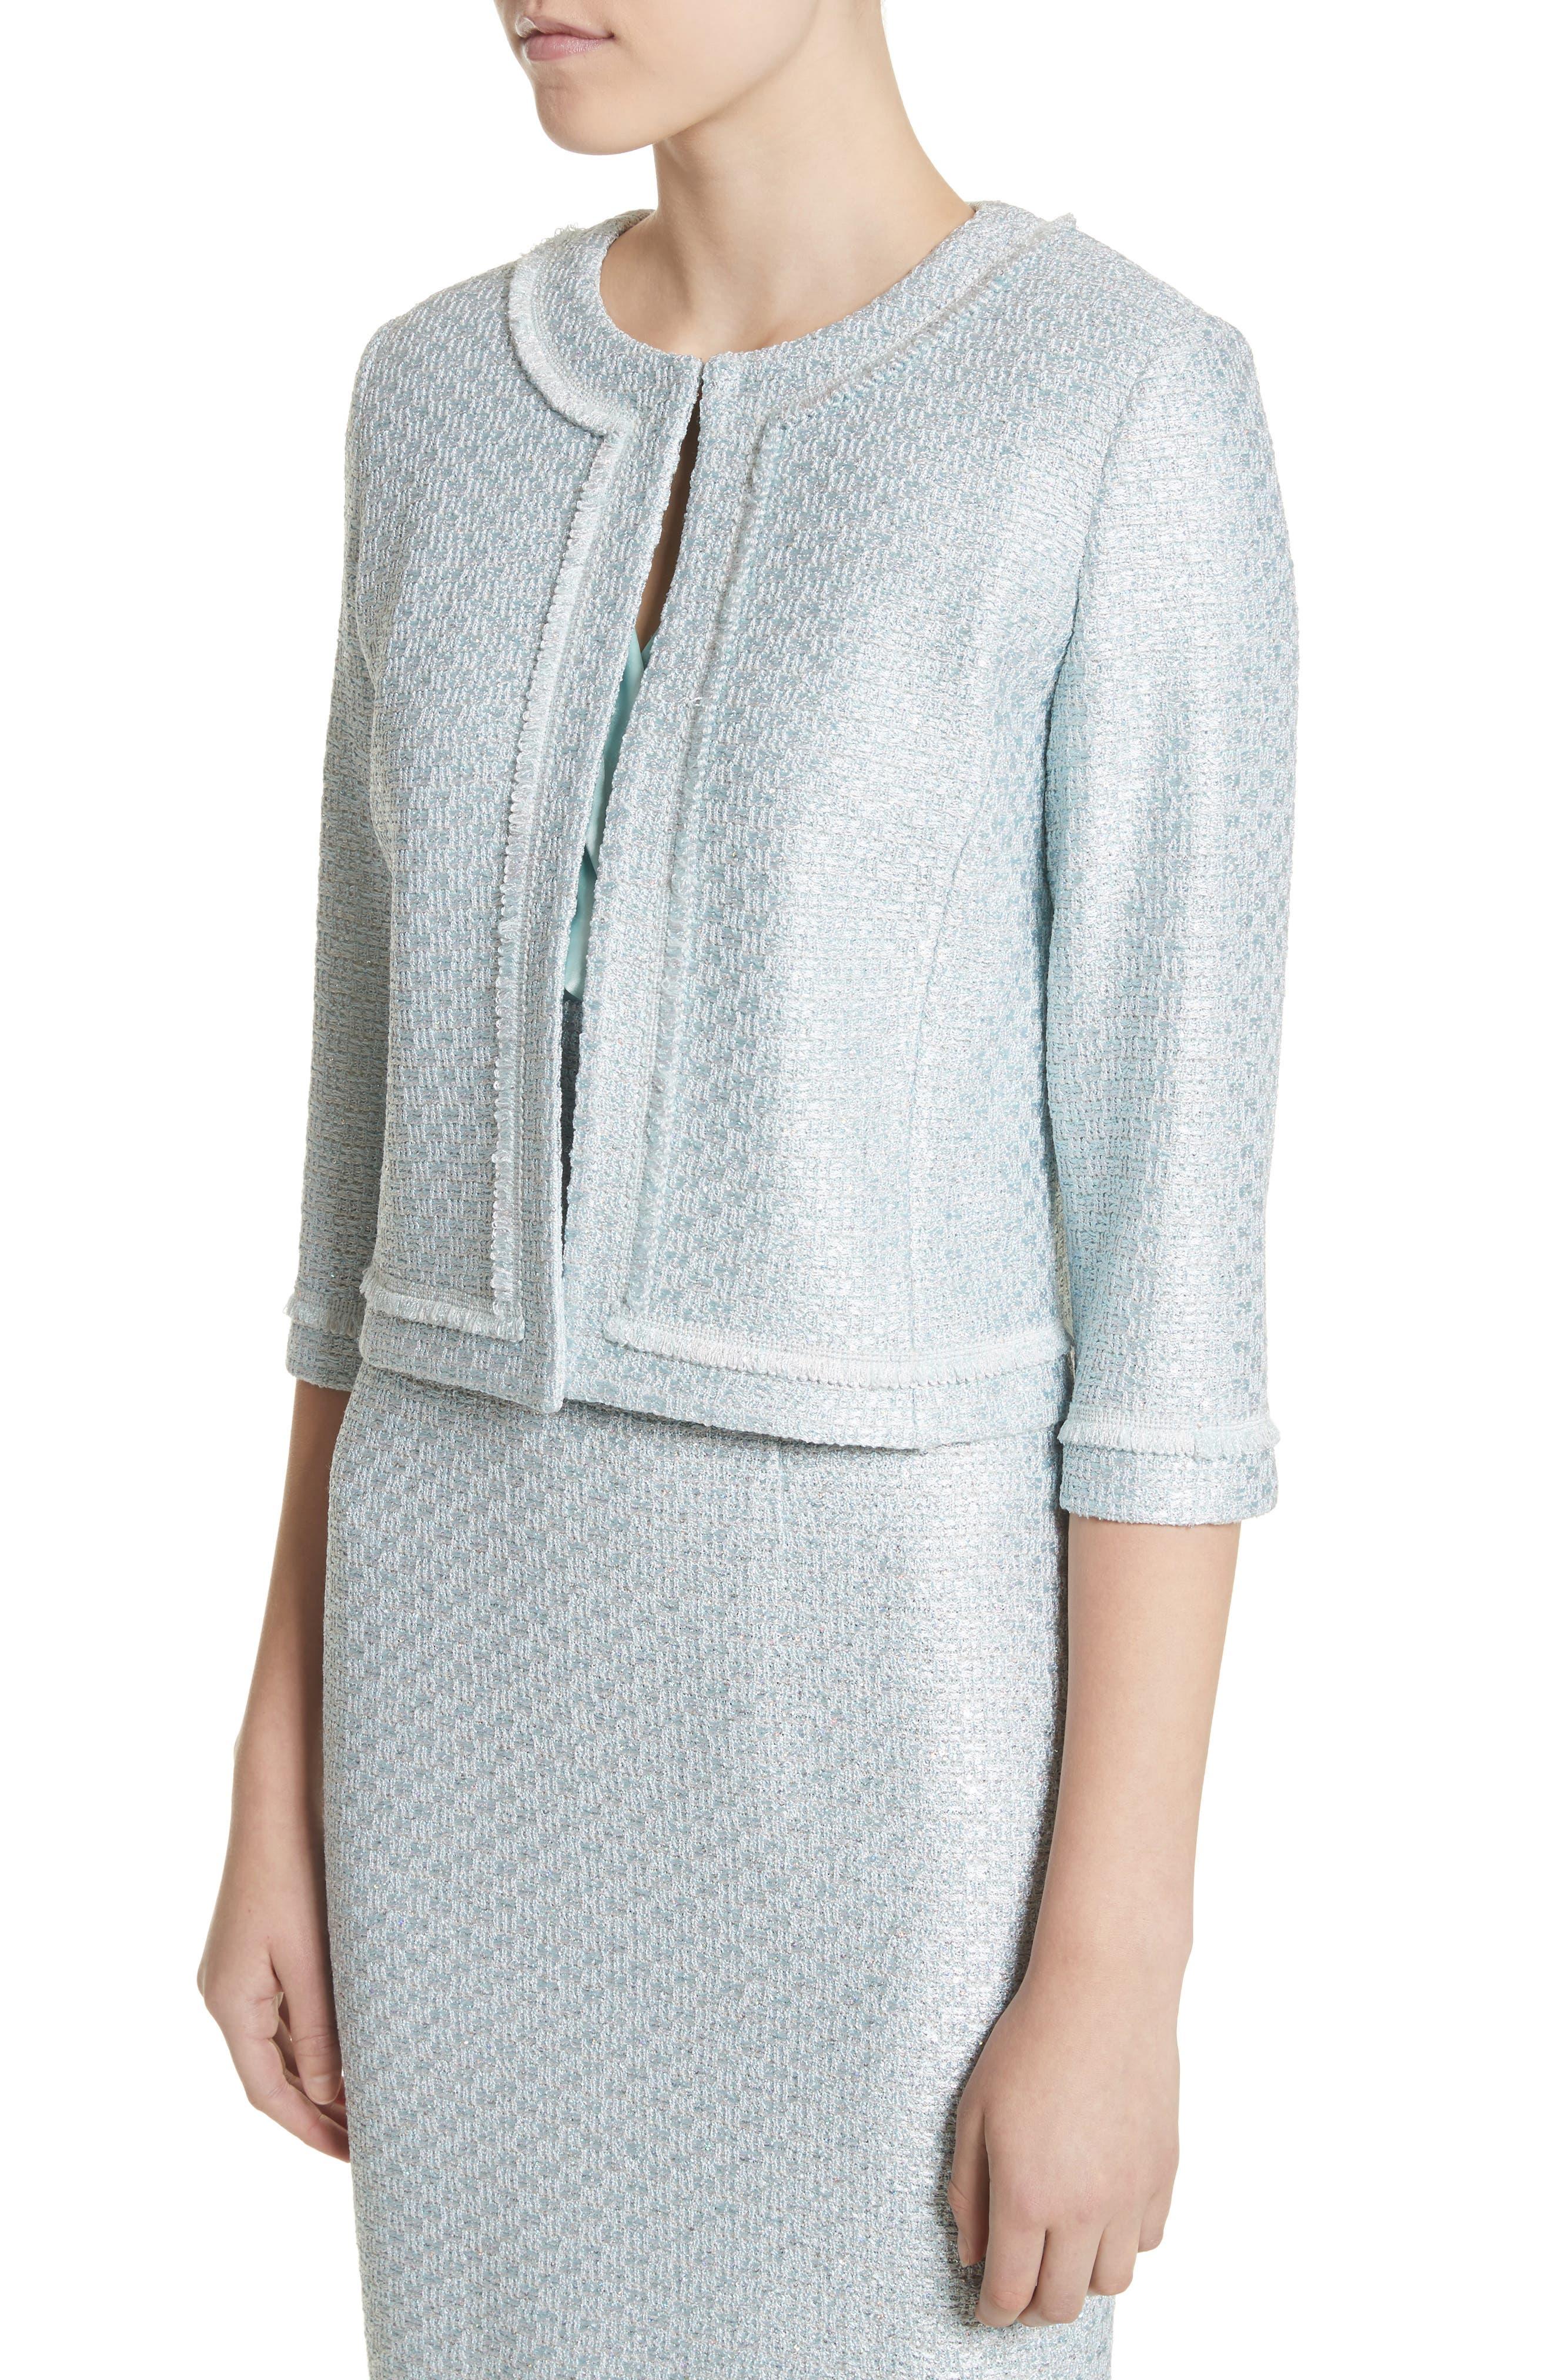 Hansh Sequin Knit Jacket,                             Alternate thumbnail 4, color,                             440